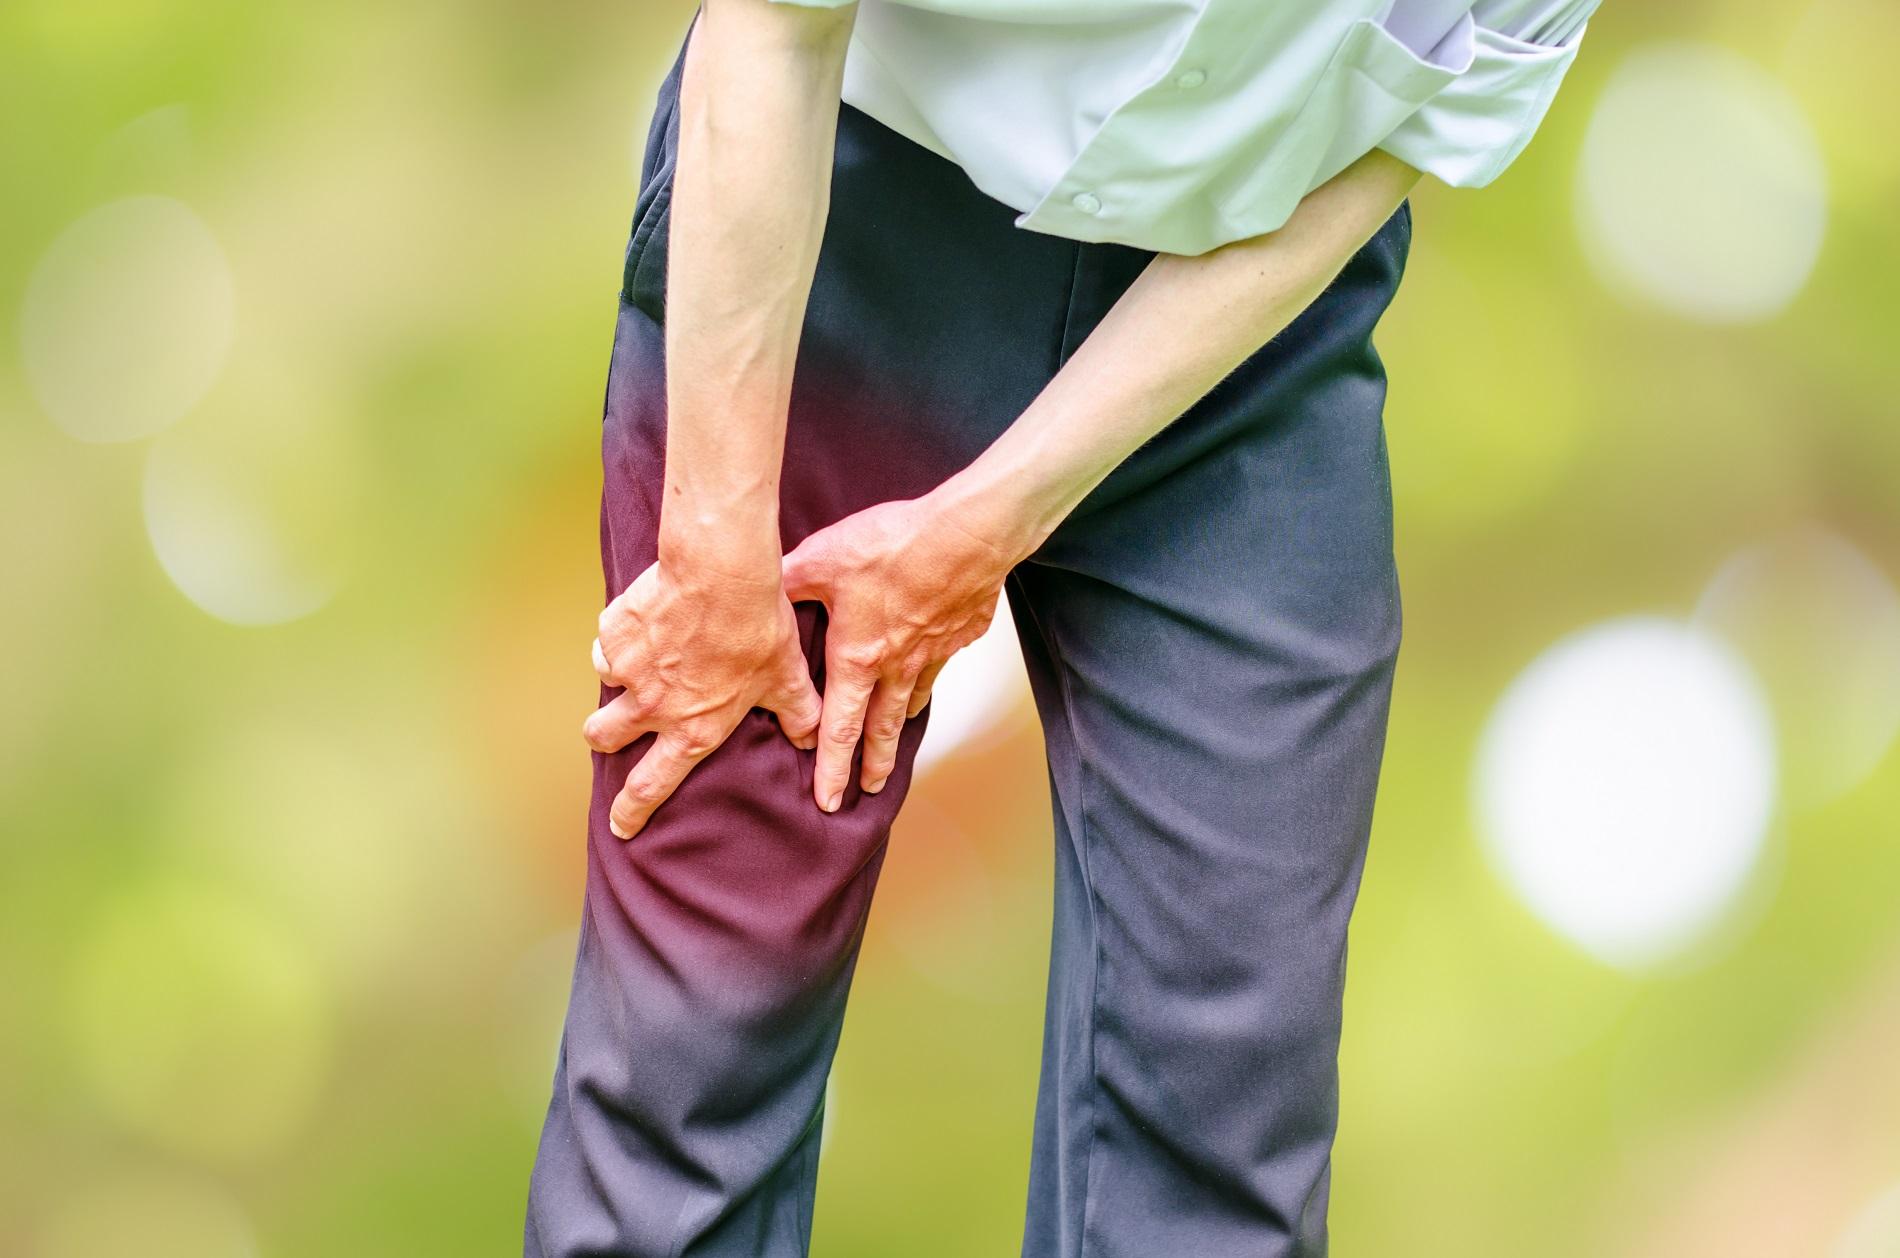 térdfájdalom artrózis kezelése a térd ízületei fáj, mit kell tenni